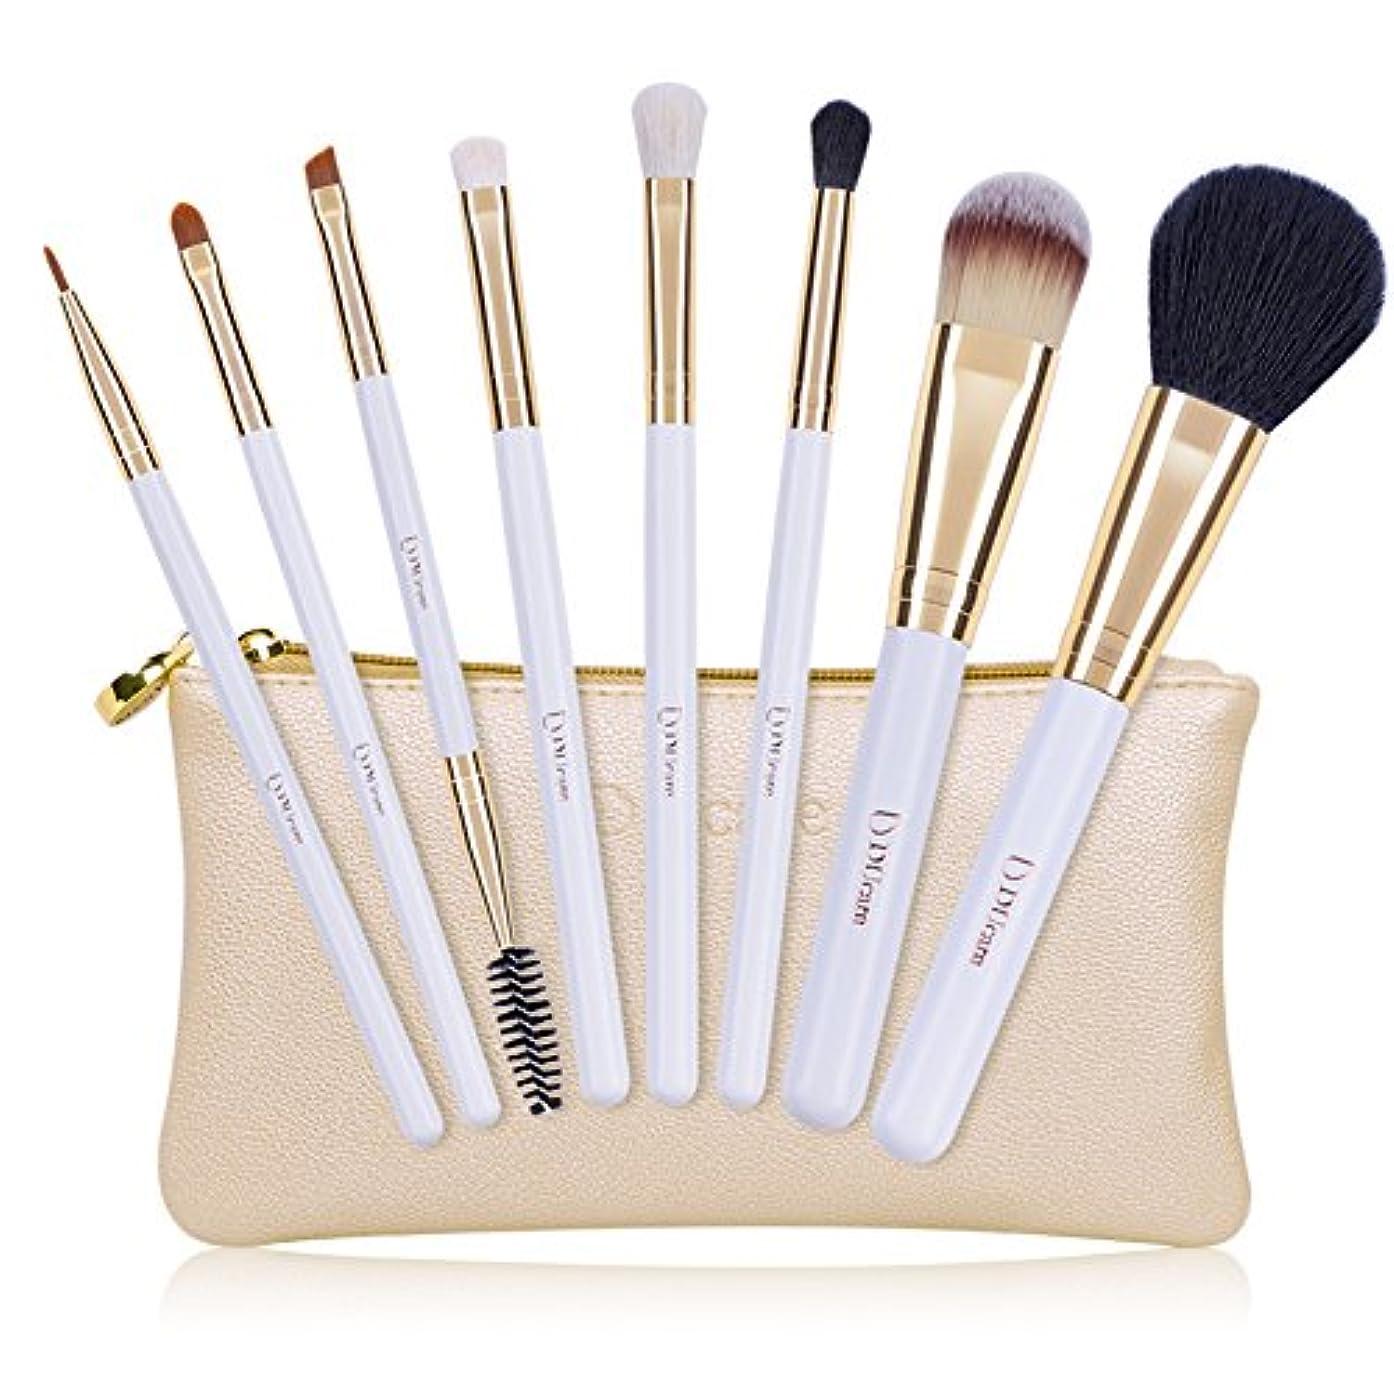 調和のとれた高尚な令状ドゥケア(DUcare) 化粧筆 メイクブラシ 8本セット 白尖峰&高級タクロン使用 ゴールドのレザー風化粧ポーチ付き